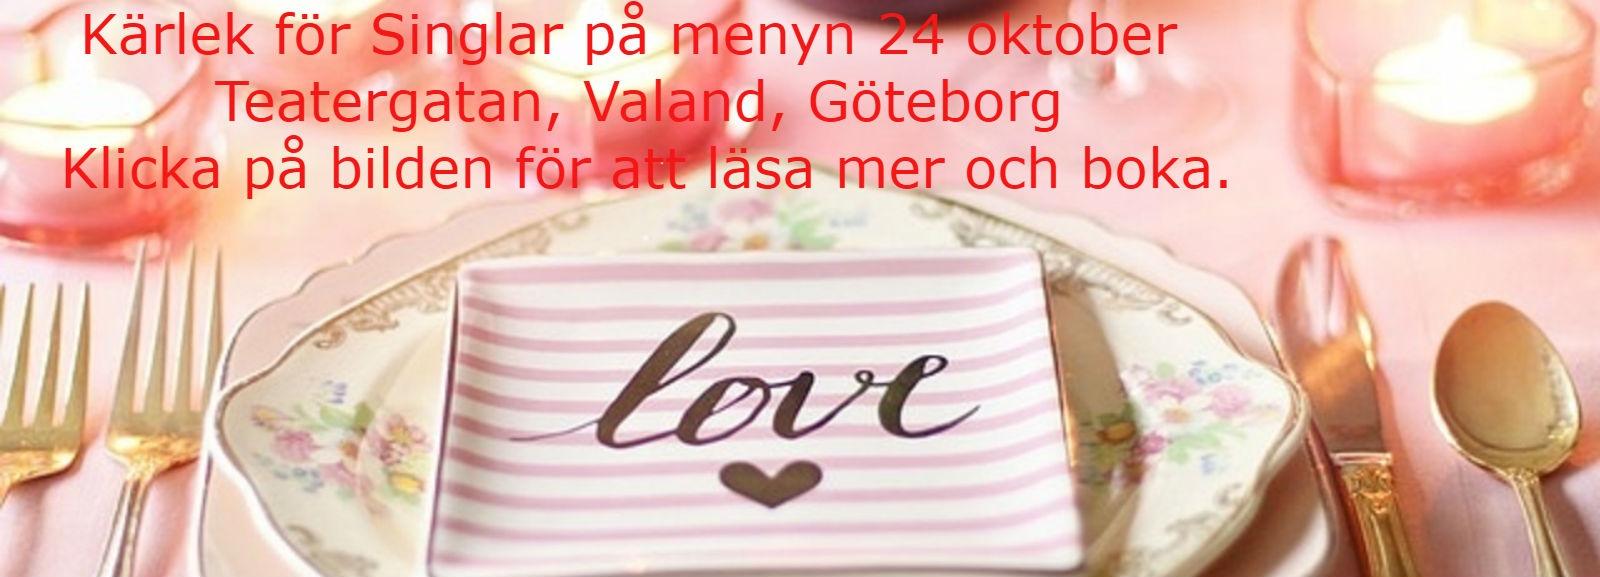 24 oktober kärlek på menyn